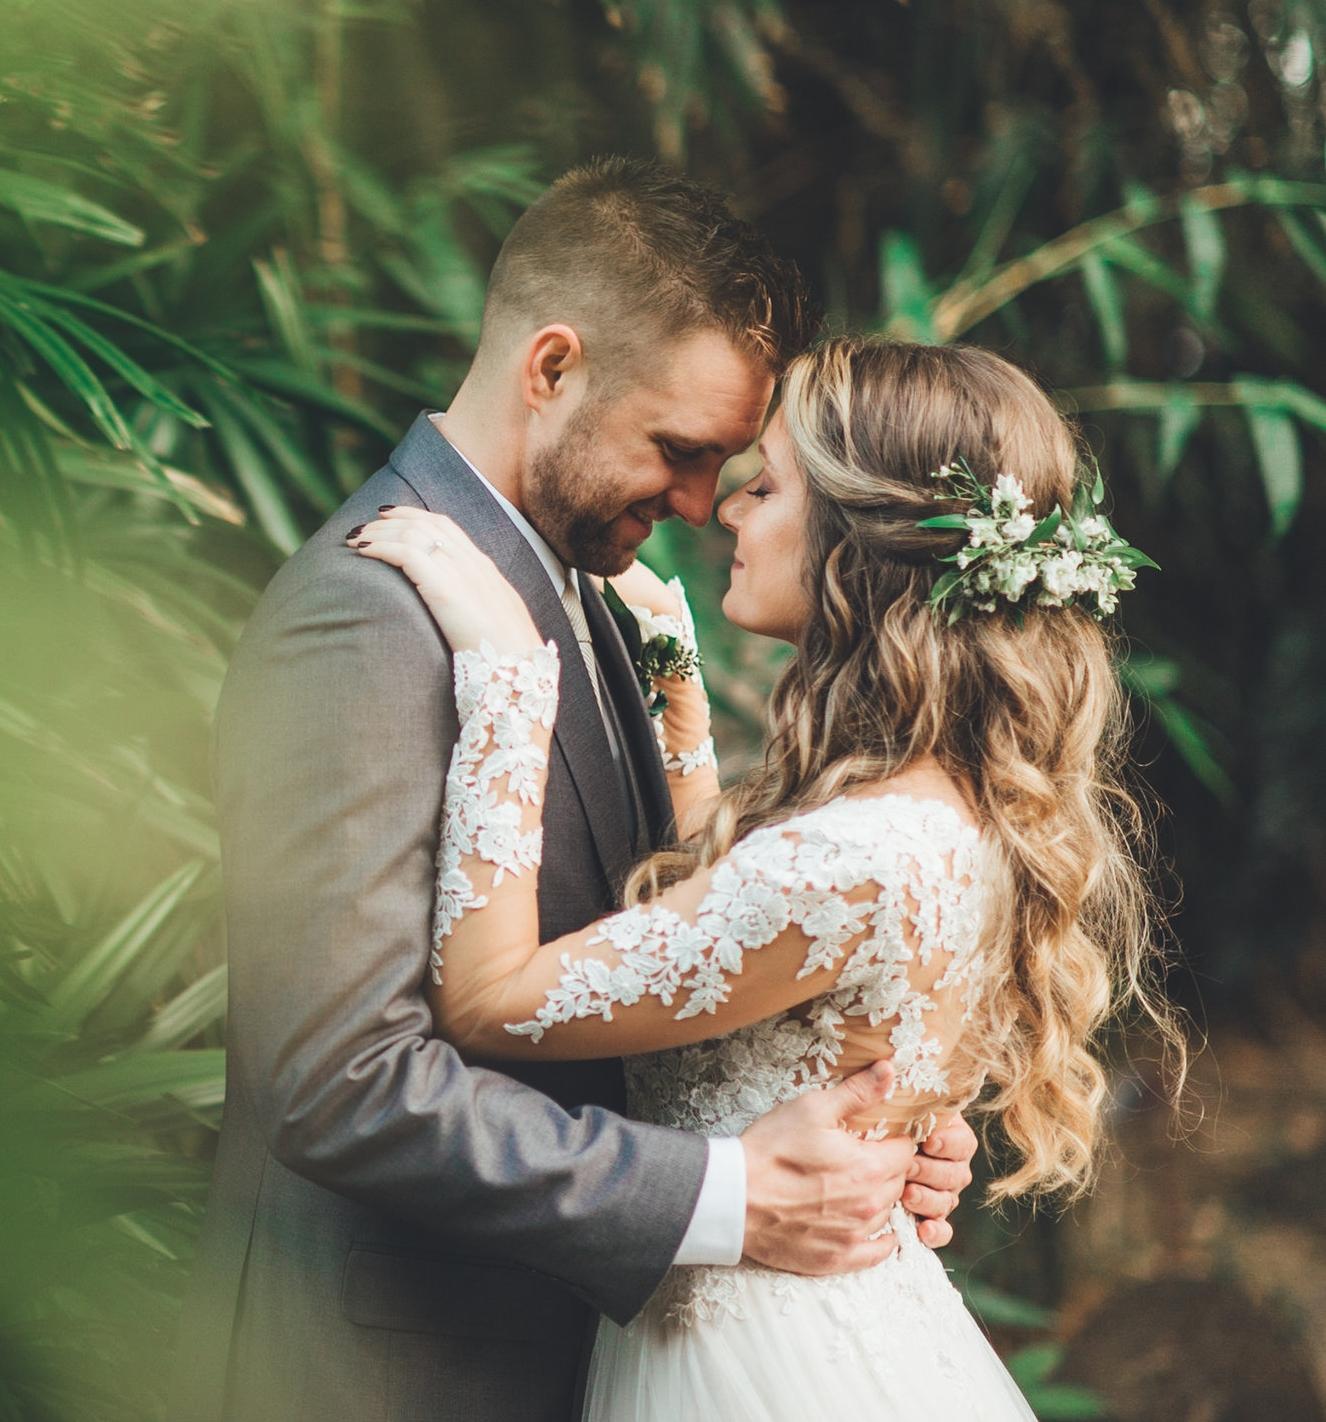 Lauren & Ken, November 2017, Married